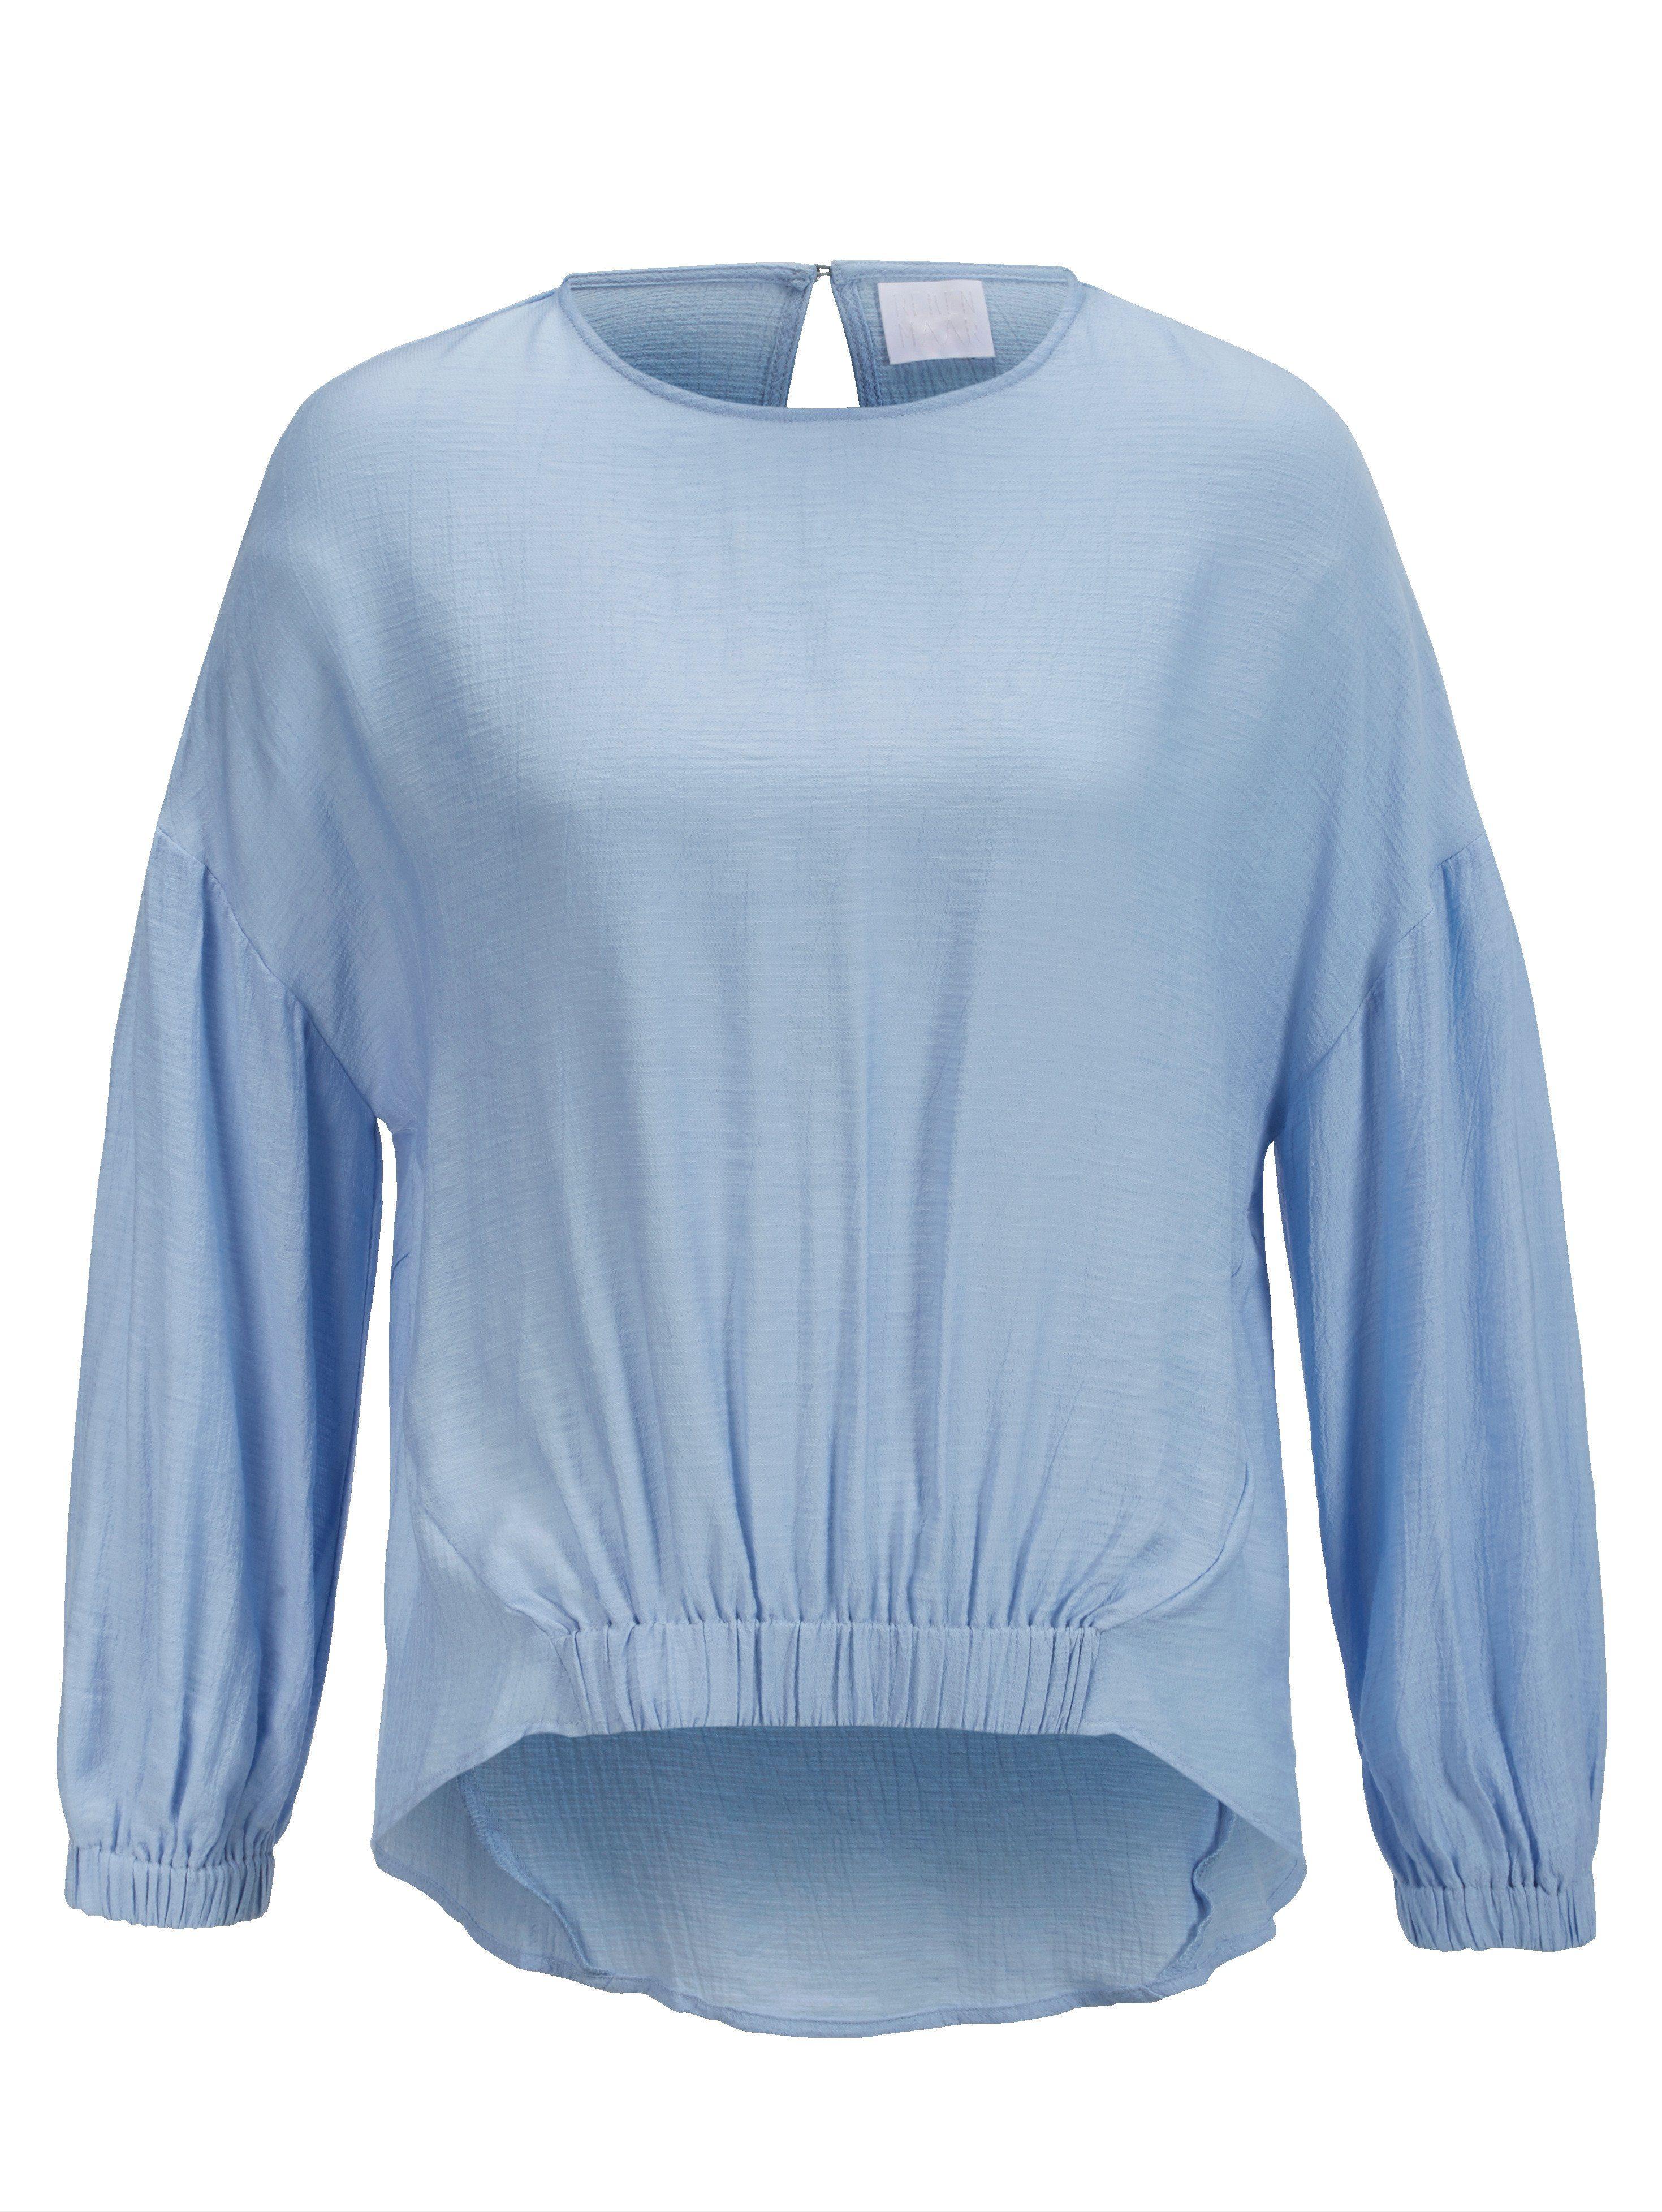 University Wear Plus 1 T-Shirt mit Varsity Jacke Varsity Jacke Burgund mit Grau Meliert /Ärmel Schultaschen